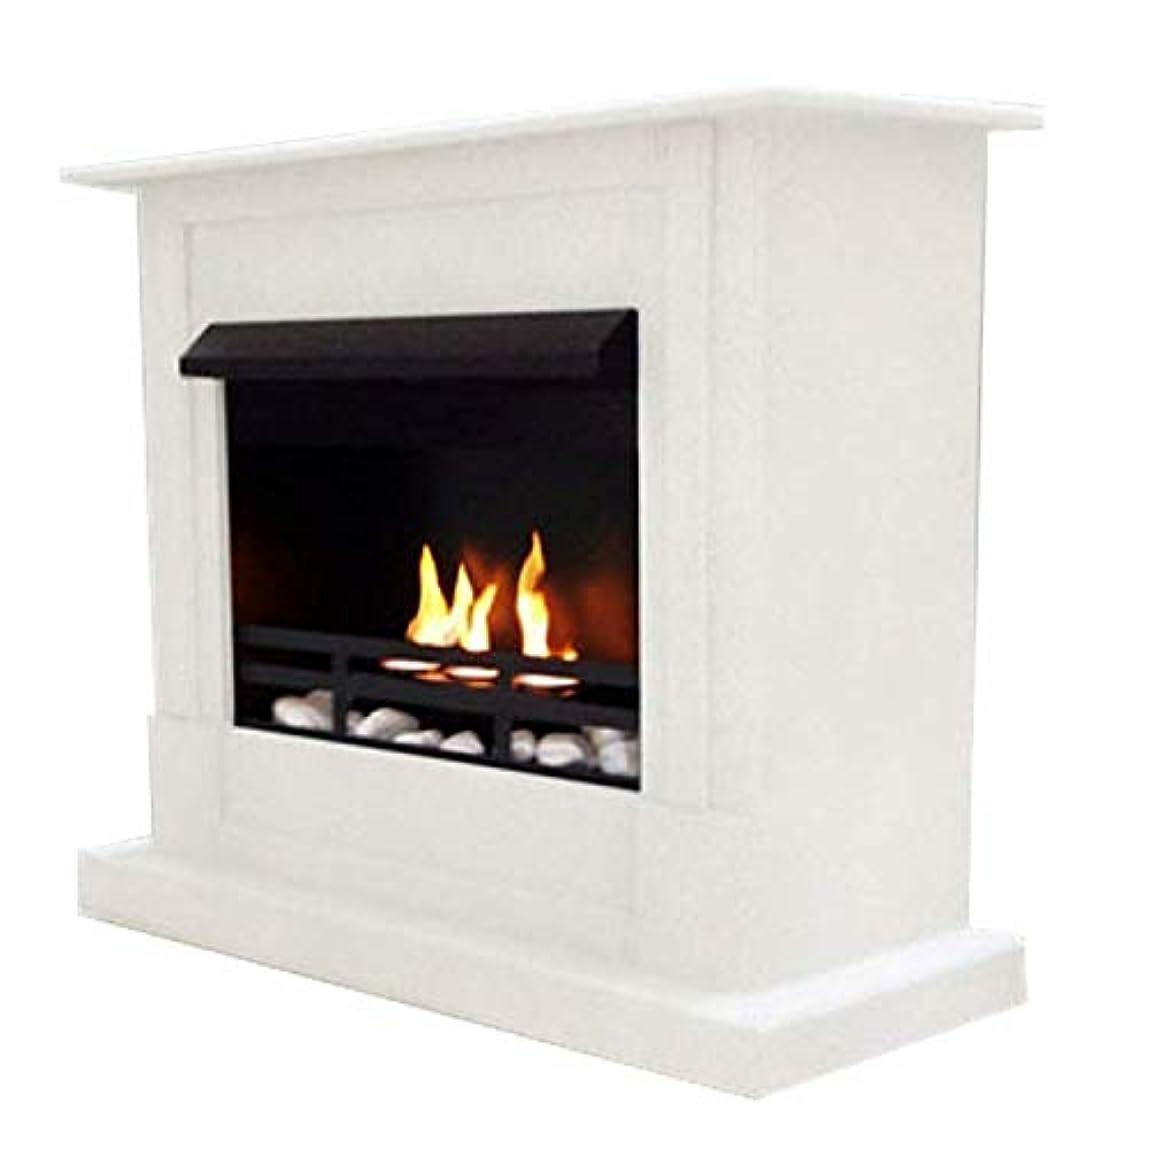 タックルダメージ連帯ジェル+ ethanol fire-places Emilyデラックスinclusive : 1調節可能なstainless-steel Burner ホワイト 10080